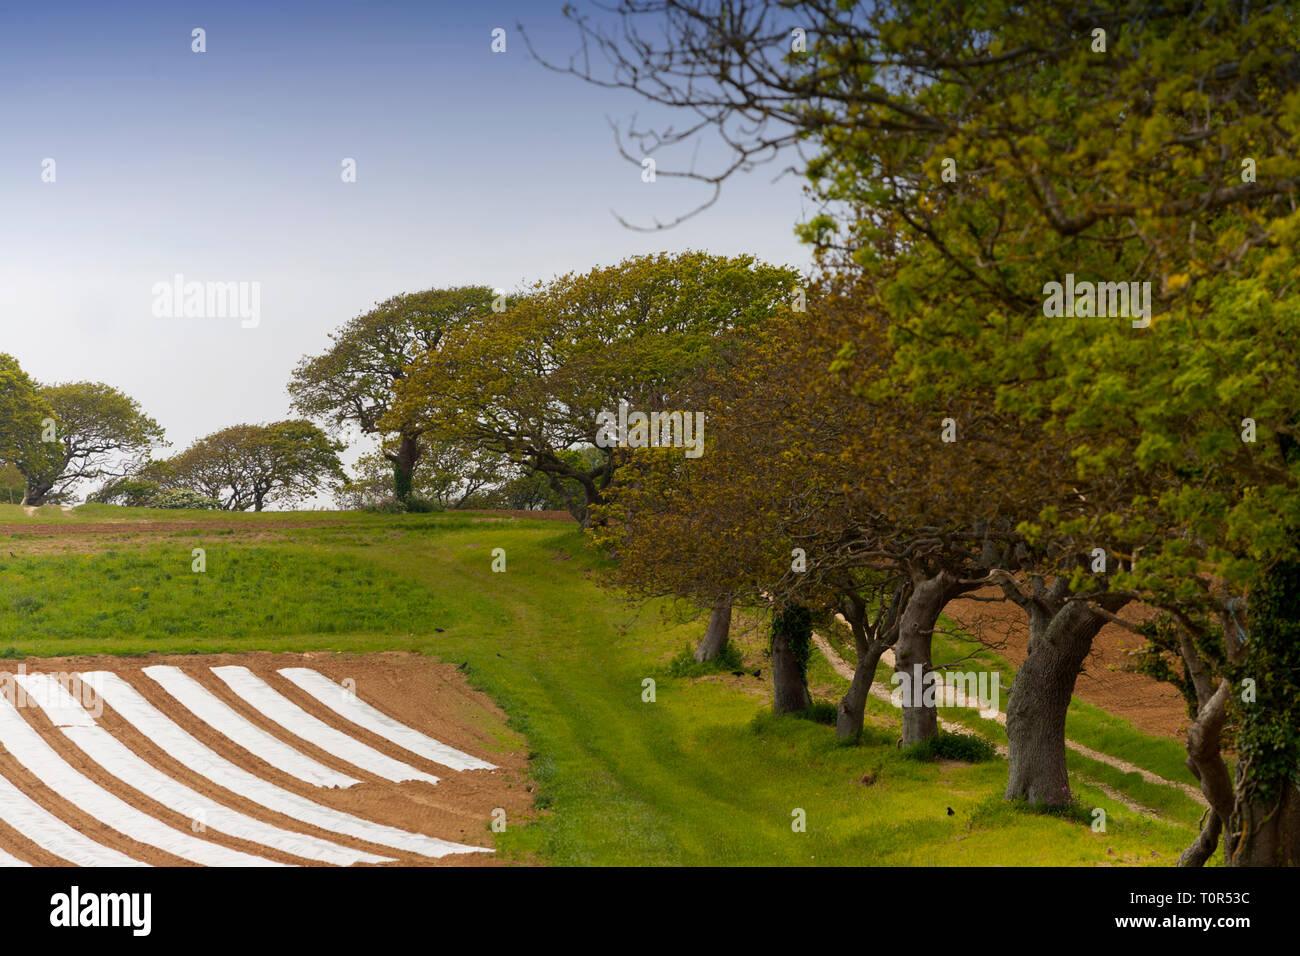 De chêne,ligne,arbres,à côté,champ,couverts,en plastique,ferme,terrain,Culture,agriculture,cultivée,écologie,, les oiseaux, l'habitat de nidification nid,feuilles,,DE,branches,Ile de Photo Stock